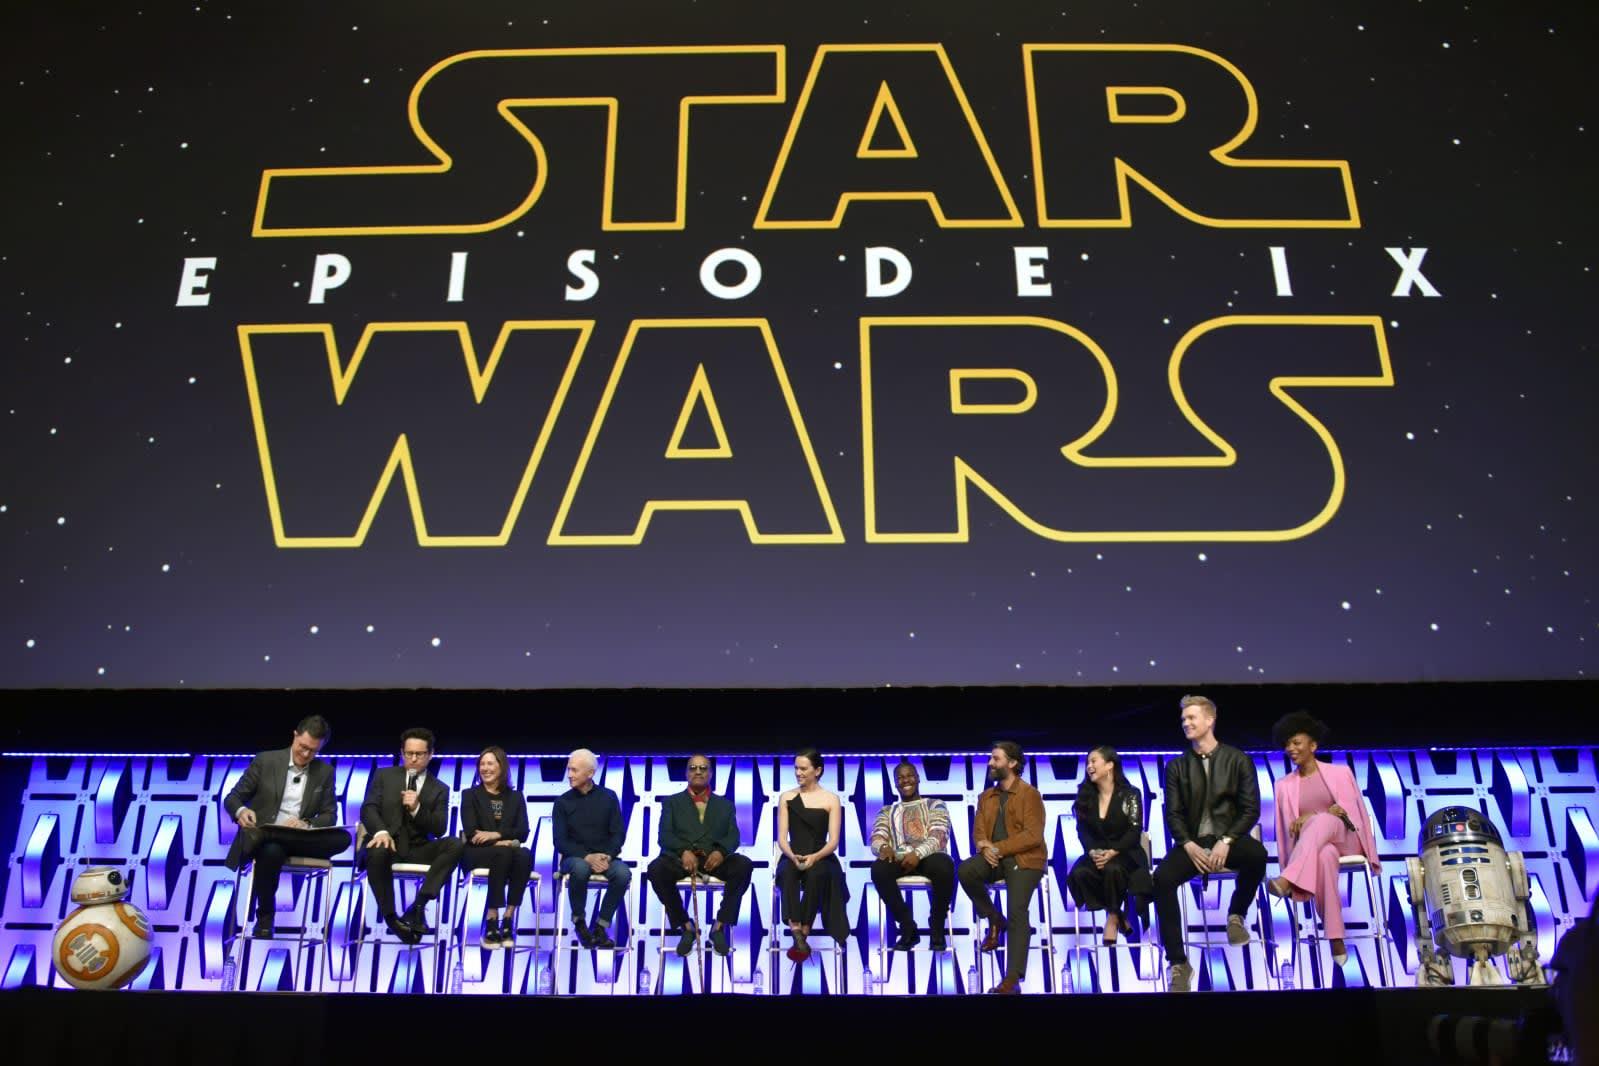 Disney's next batch of 'Star Wars' movies starts in 2022